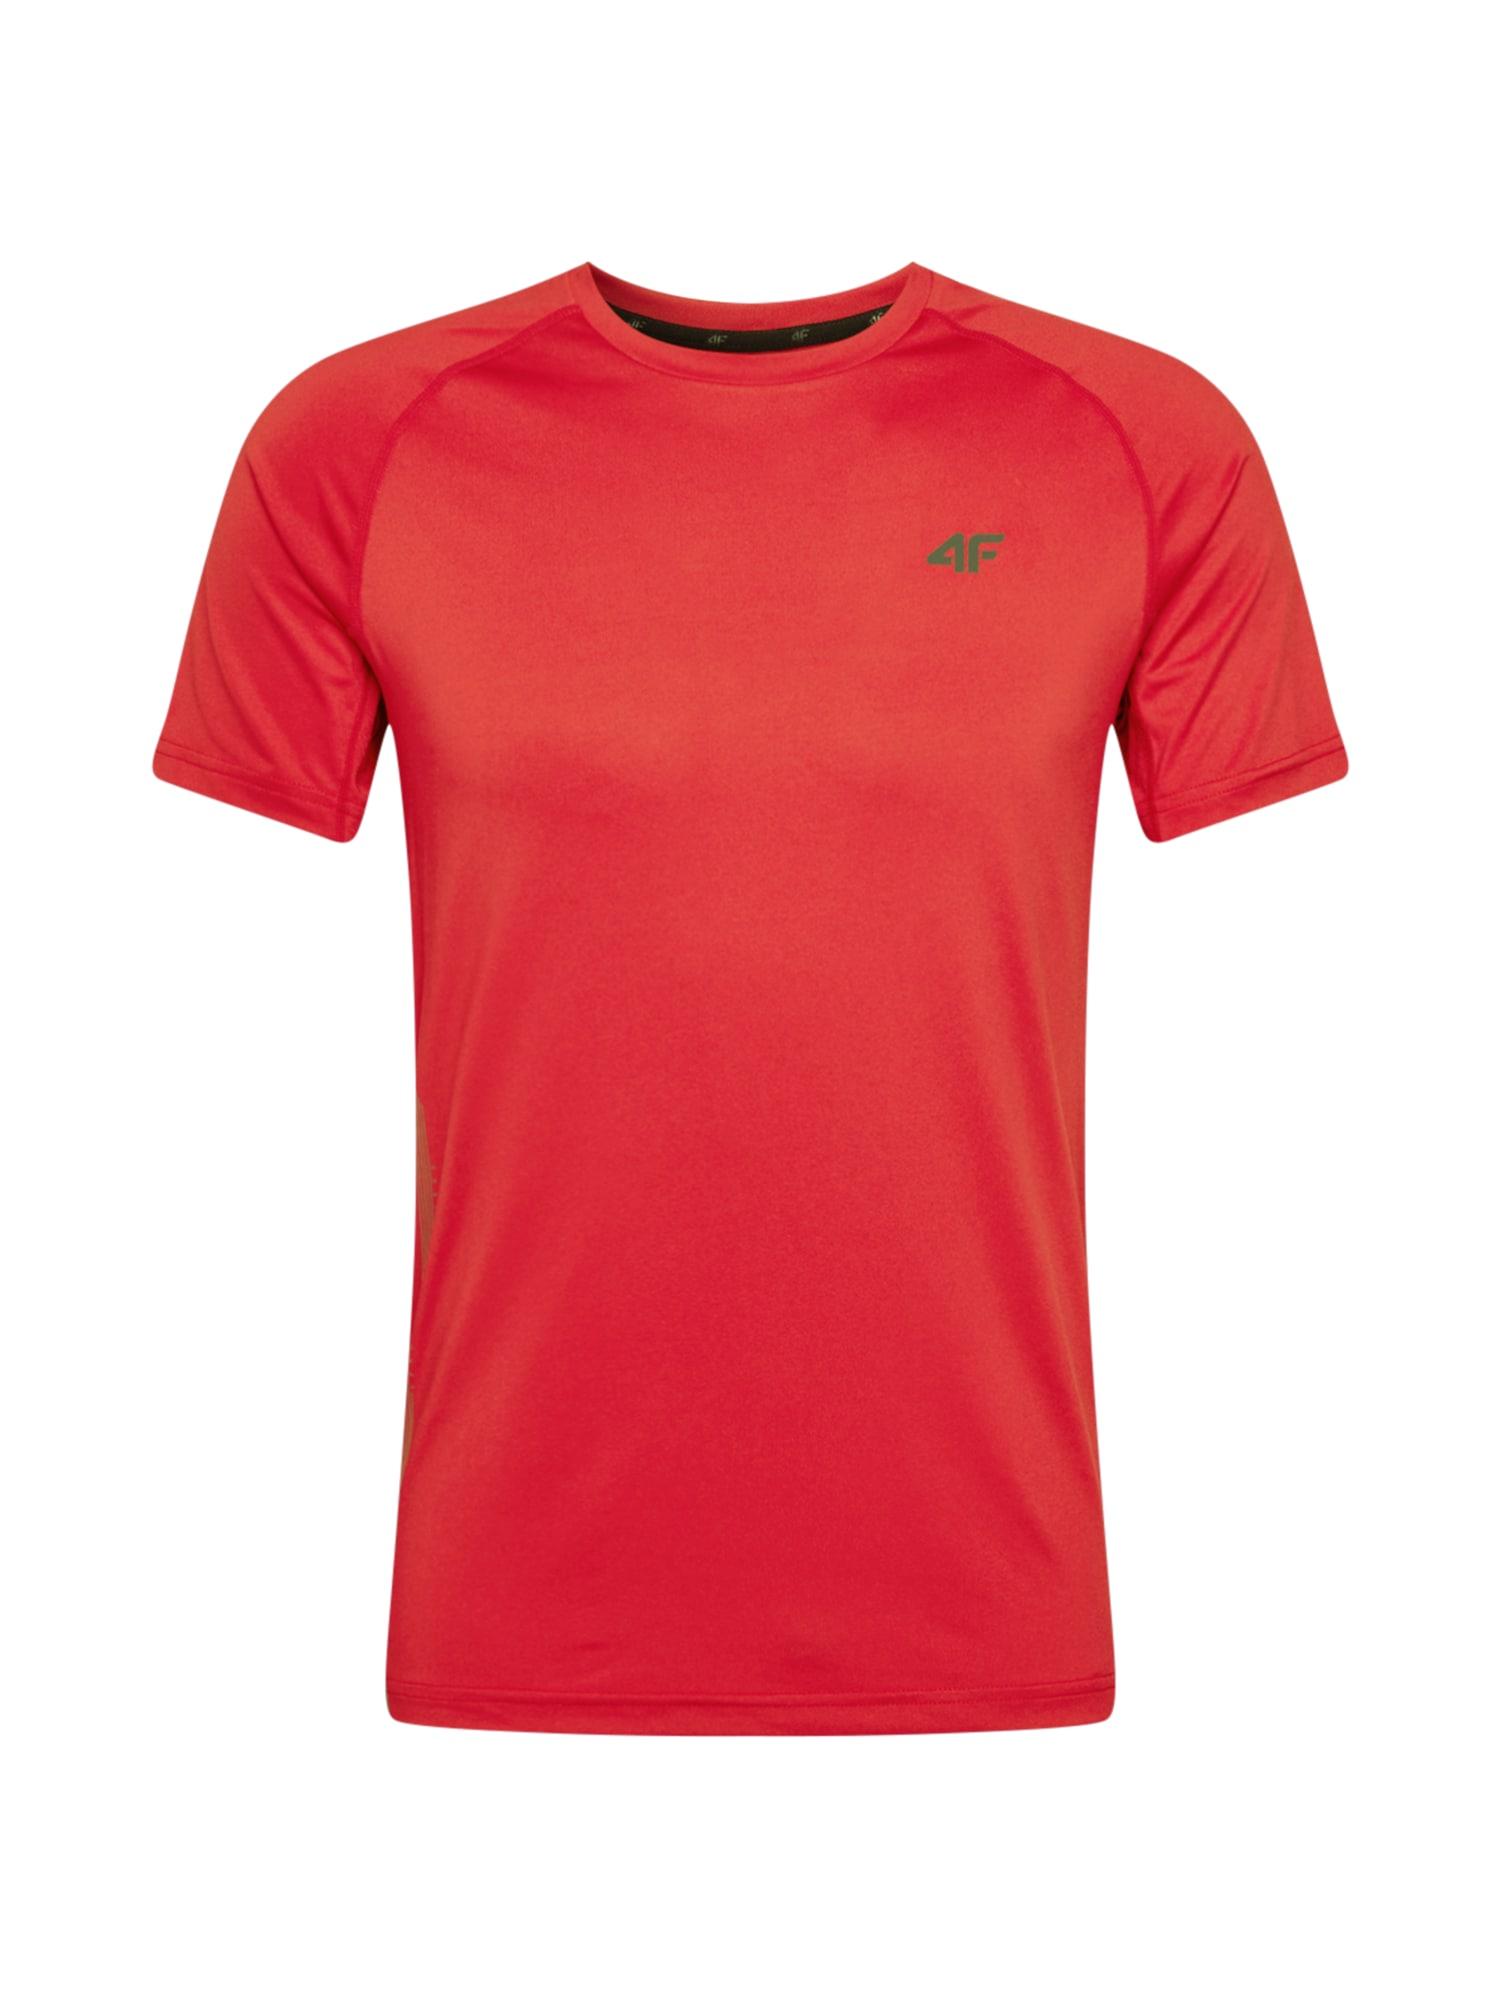 4F Sportiniai marškinėliai oranžinė-raudona / juoda